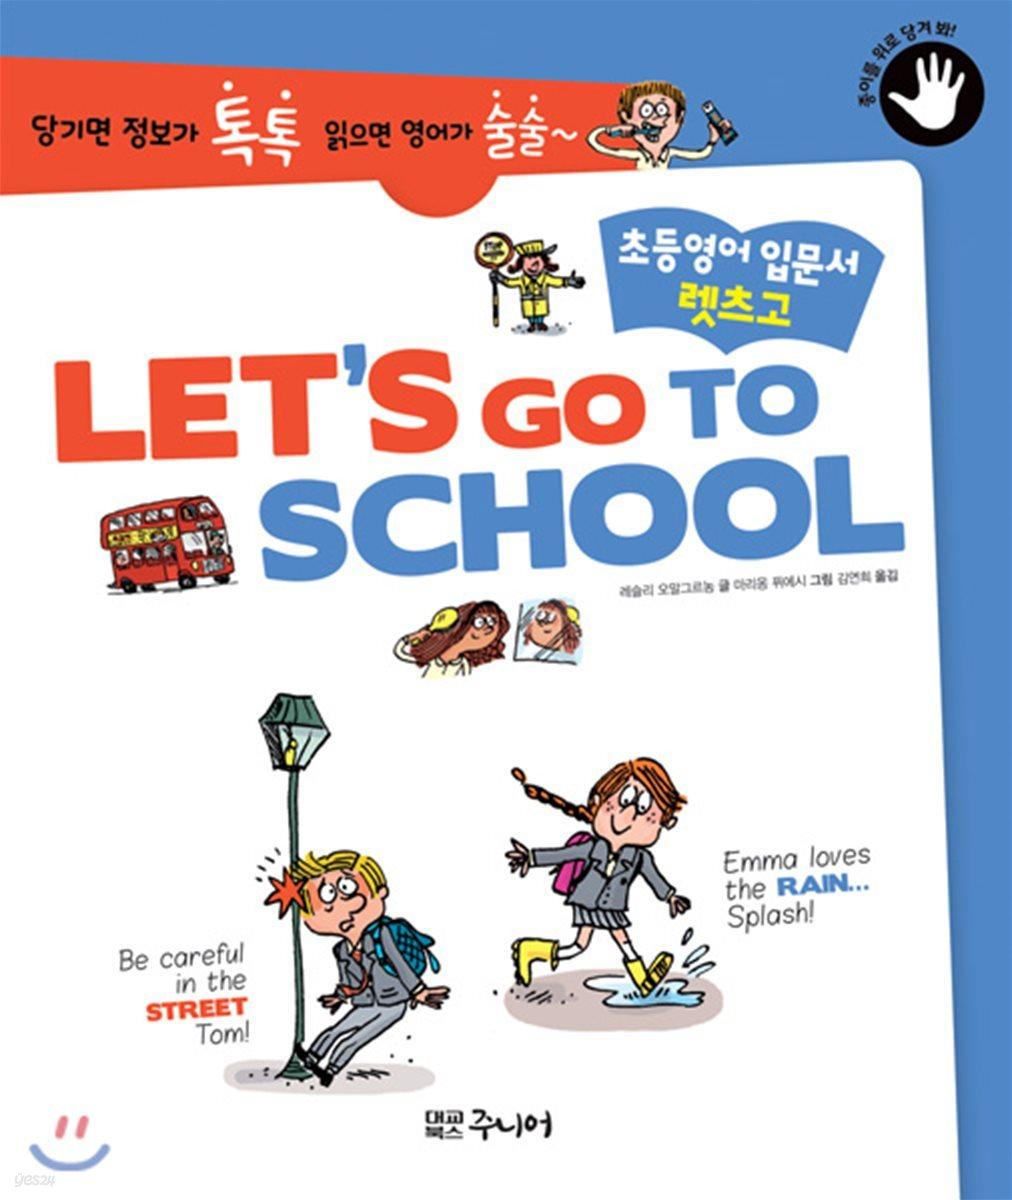 LET'S GO TO SCHOOL